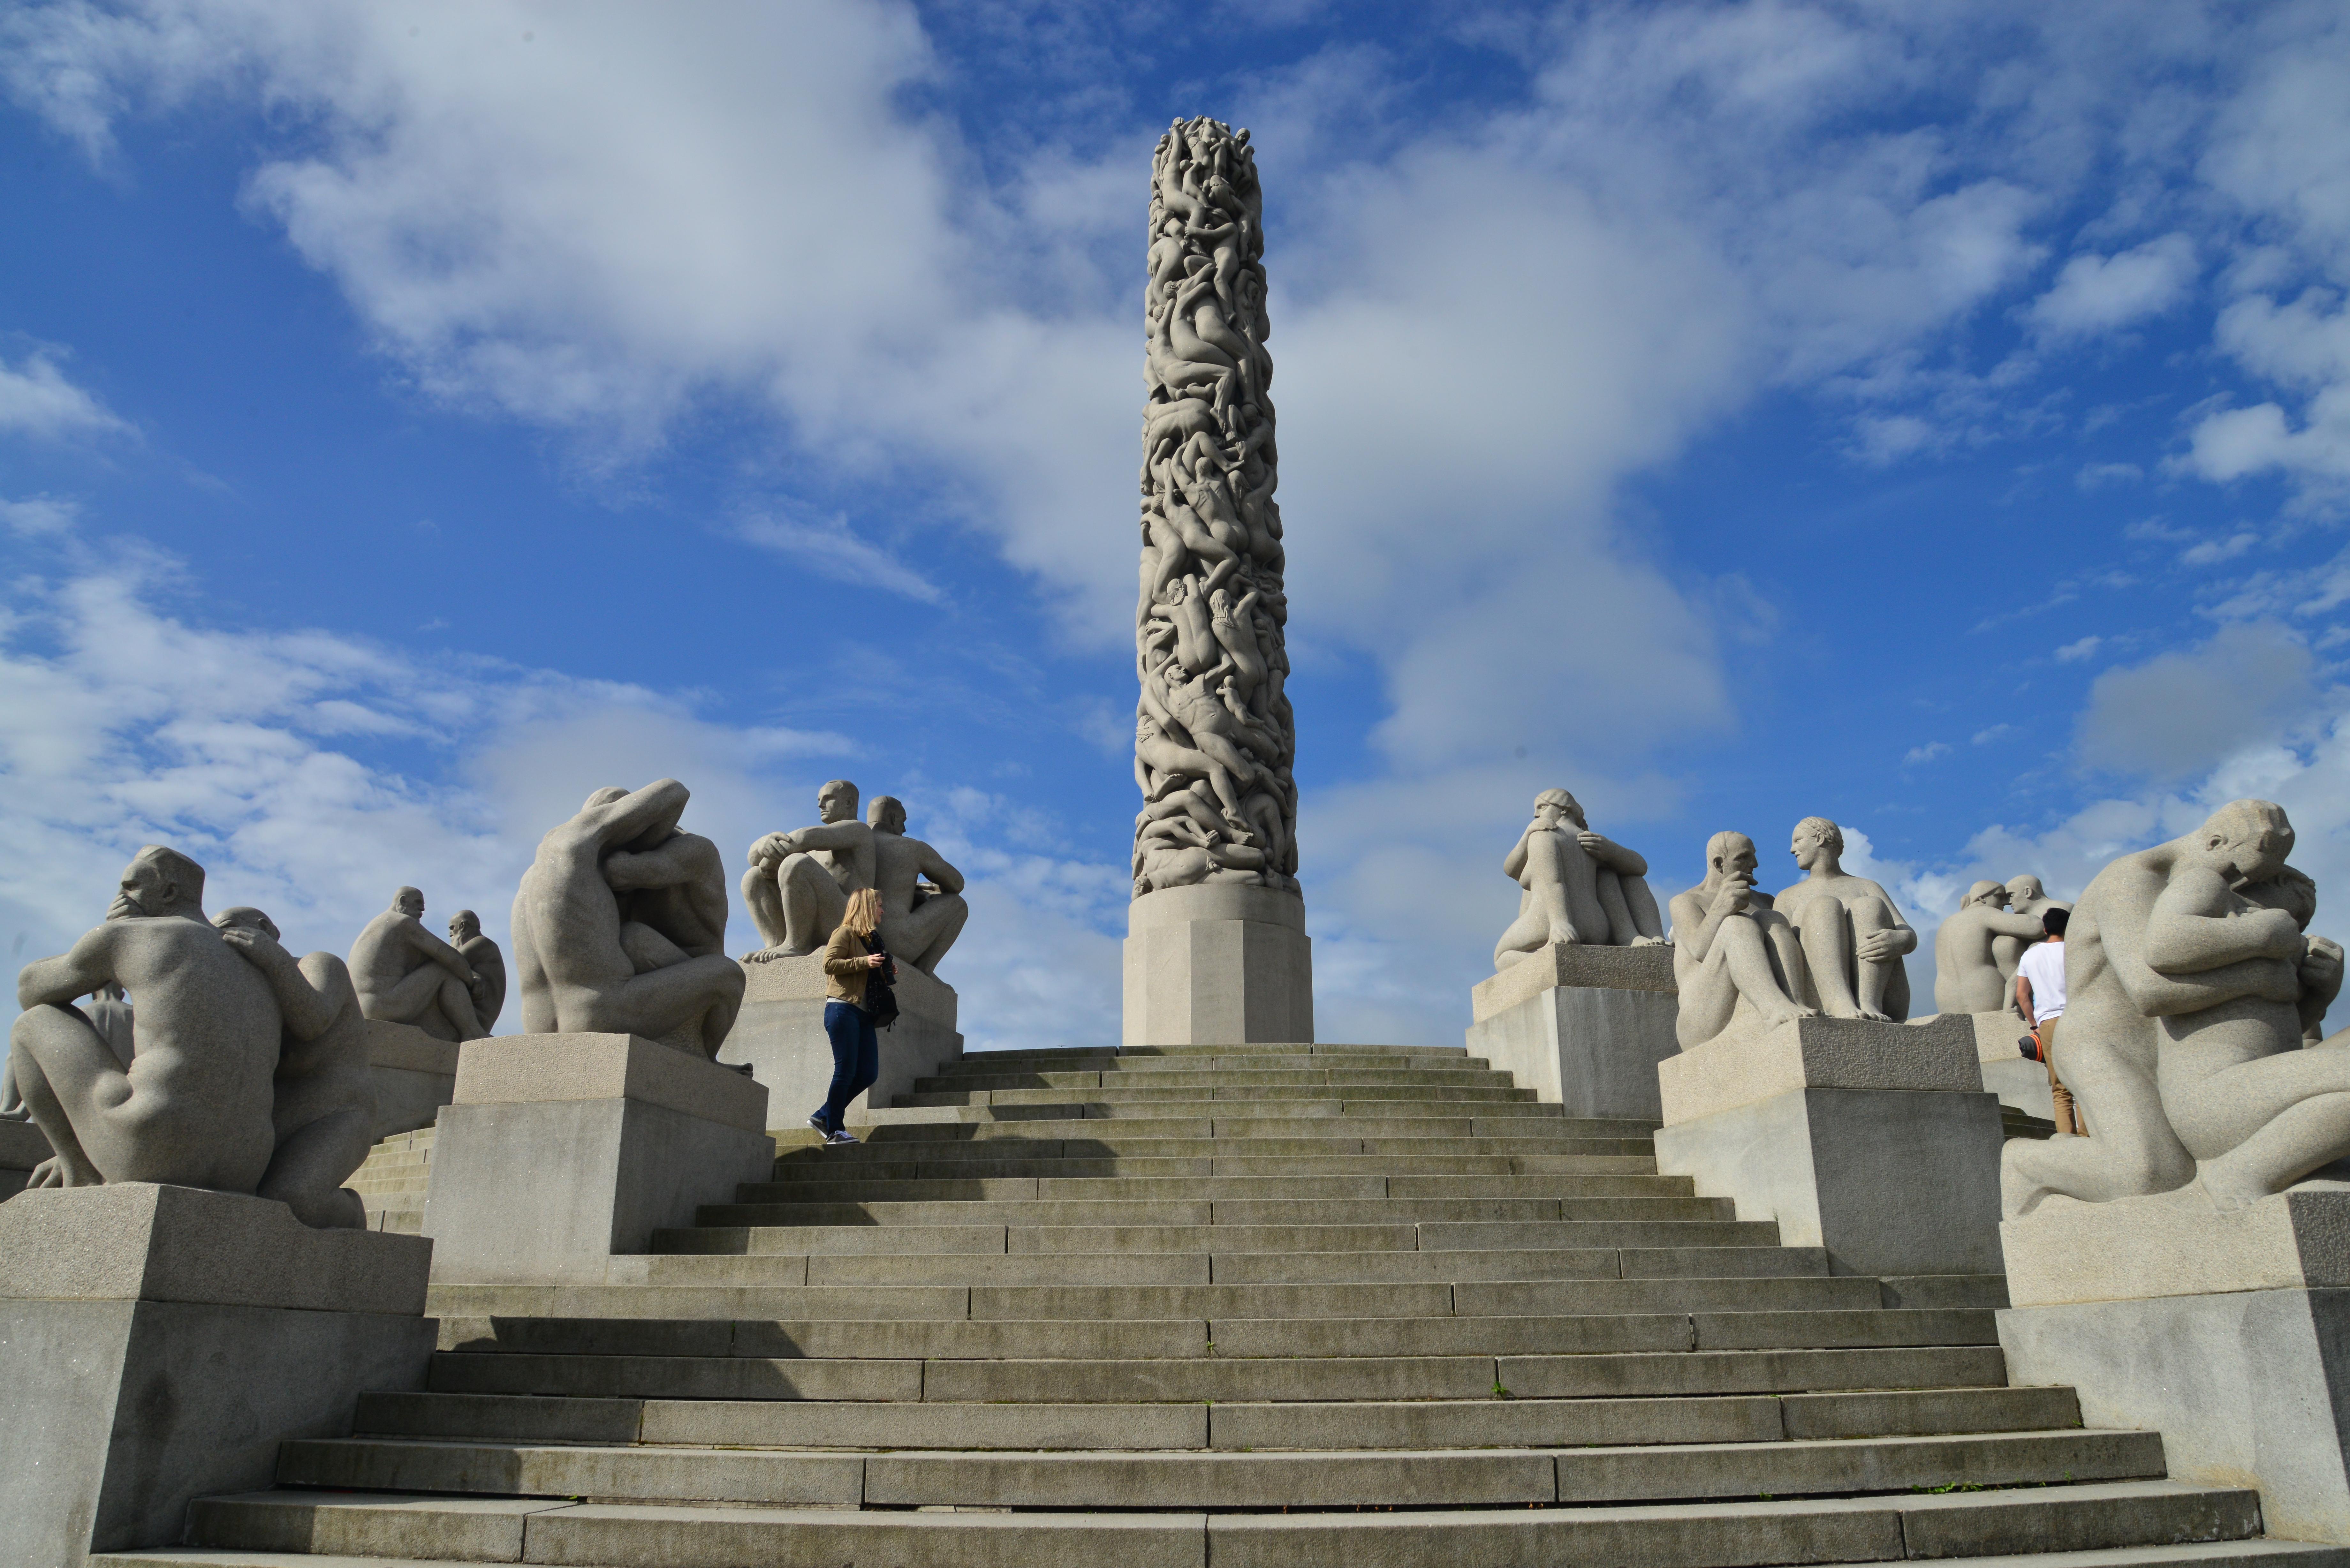 O Parque Vigeland em Oslo